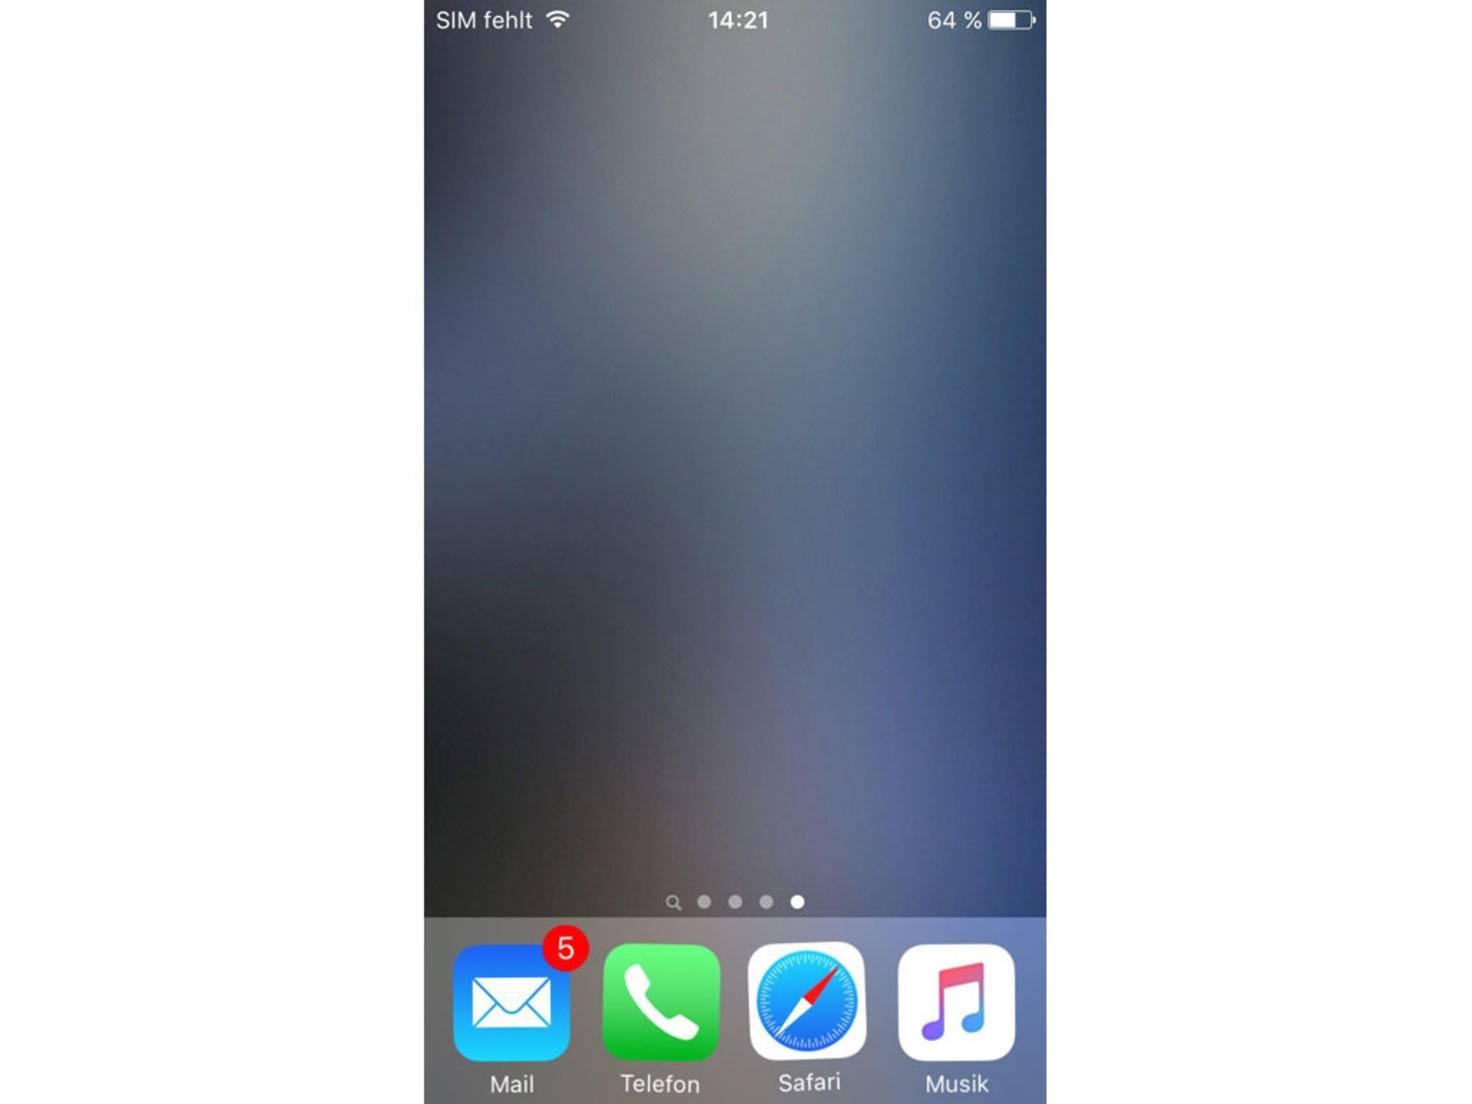 Von einer leeren Seite wird ein Screenshot angefertigt.